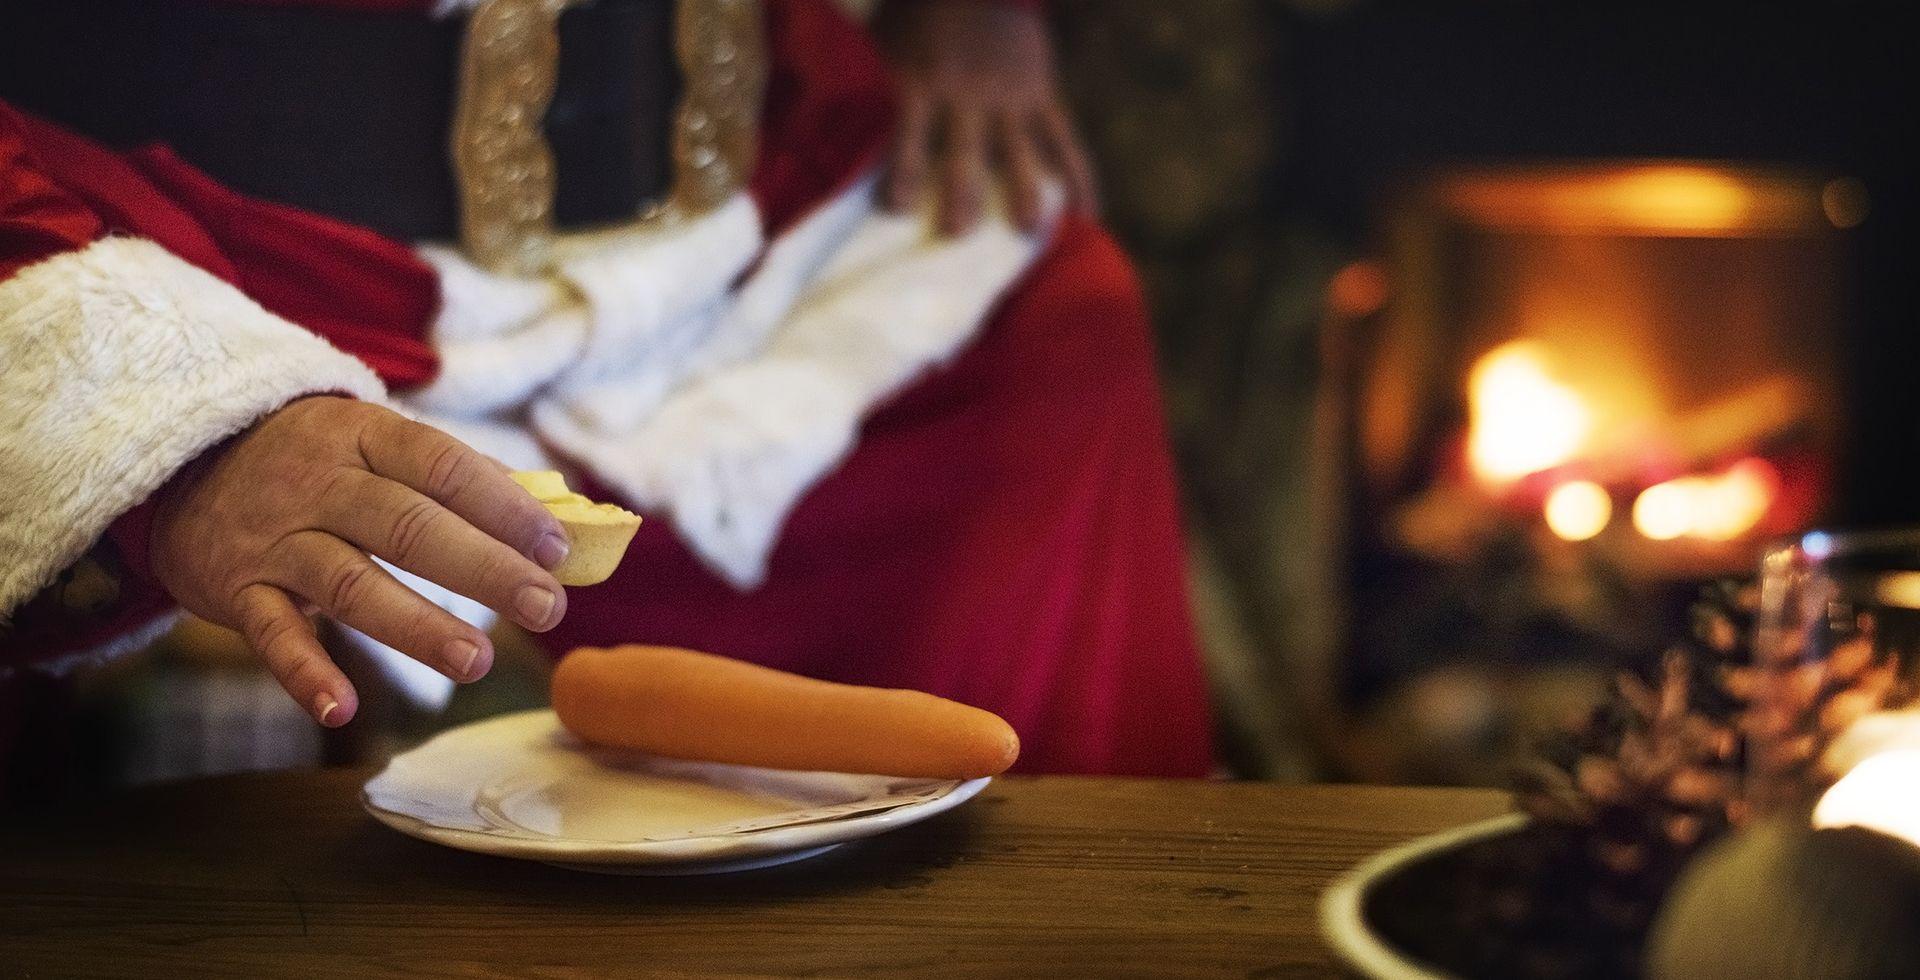 Adventskalender und Weihnachten - wir freuen uns darauf!